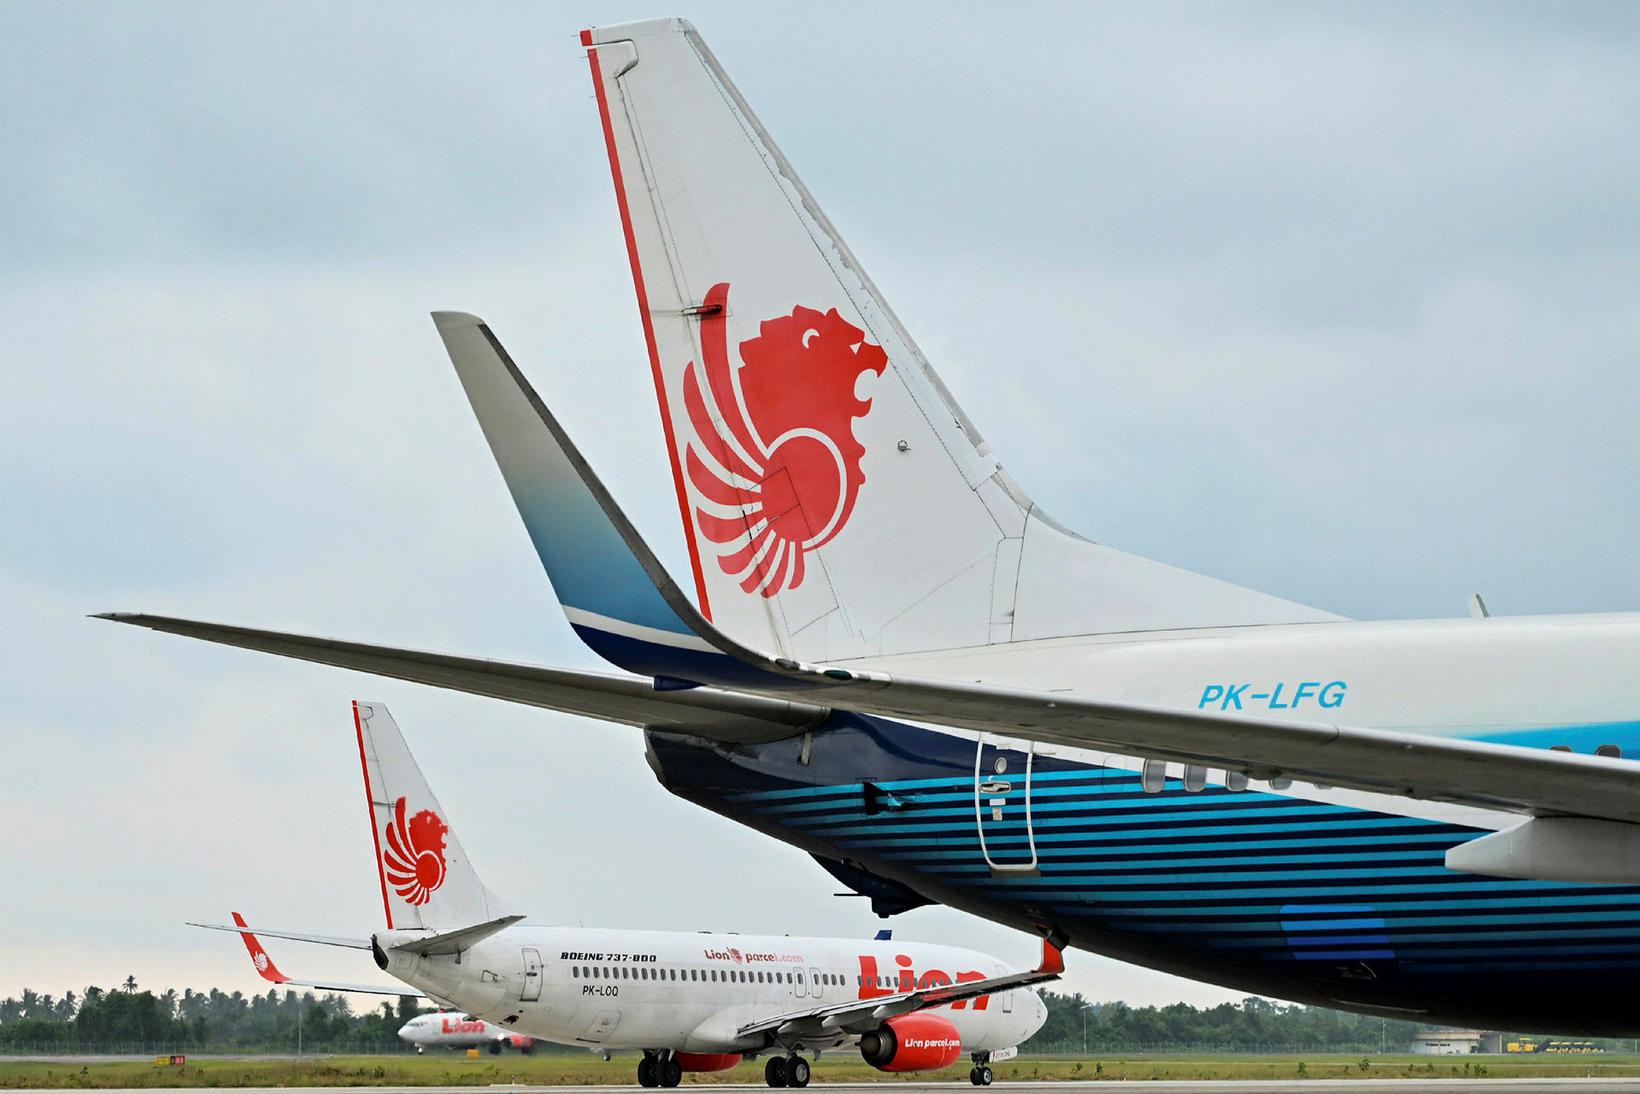 Farþegaþota Lion Air af gerðinni Boeing 737-800 á flugvellinum í ...